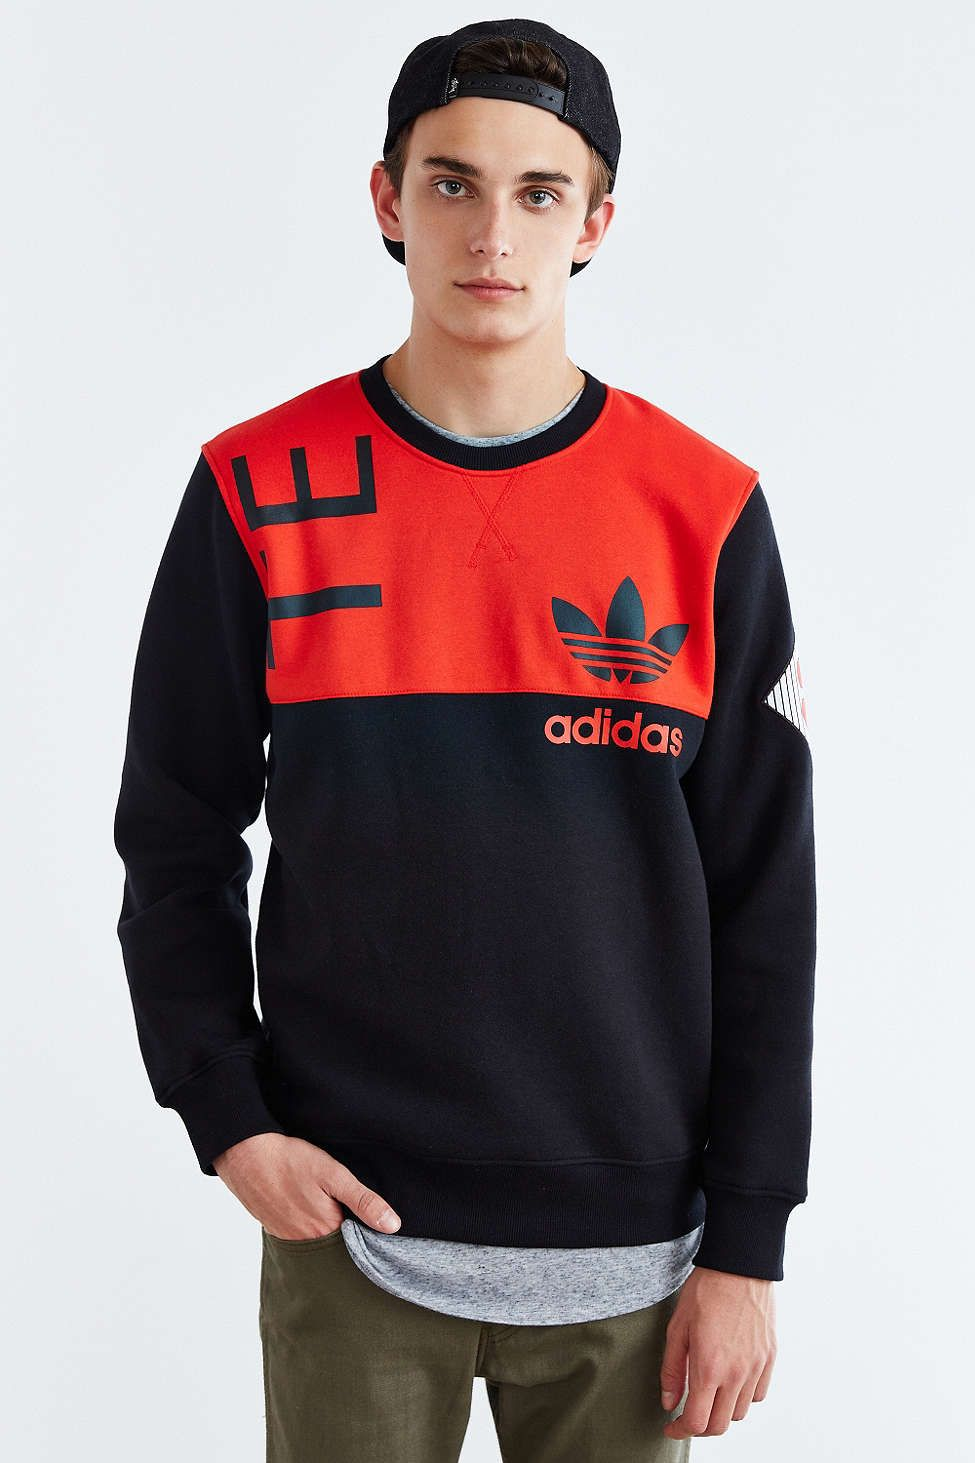 Adidas Originals equipo ART Fleece crew neck sweatshirt ropa I